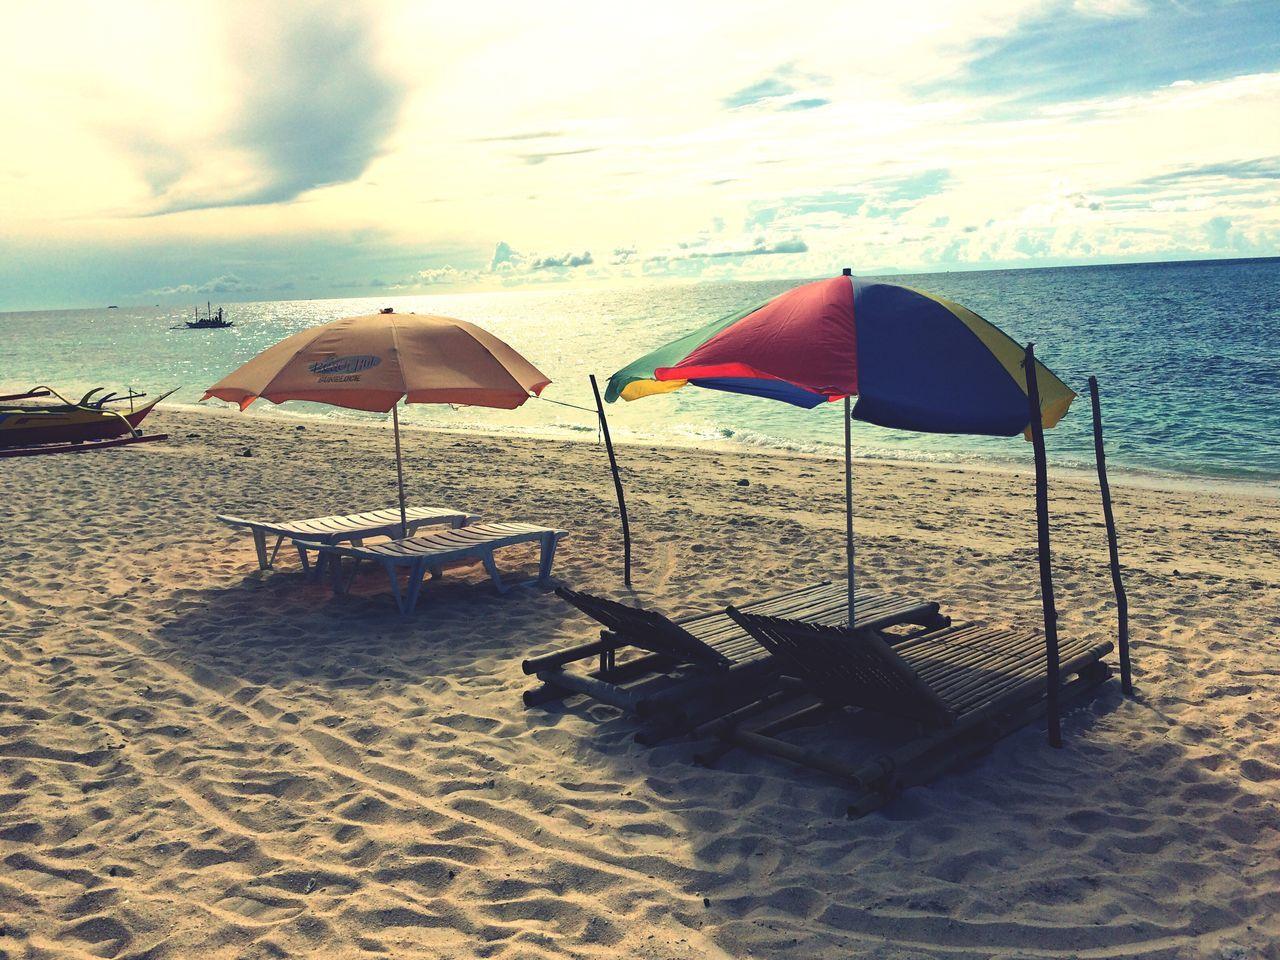 How the blue of the ocean flirts with the sun's golden beams, serenity. Summer Beach Beachphotography Boracay Summertime Beachlife Islandlife First Eyeem Photo